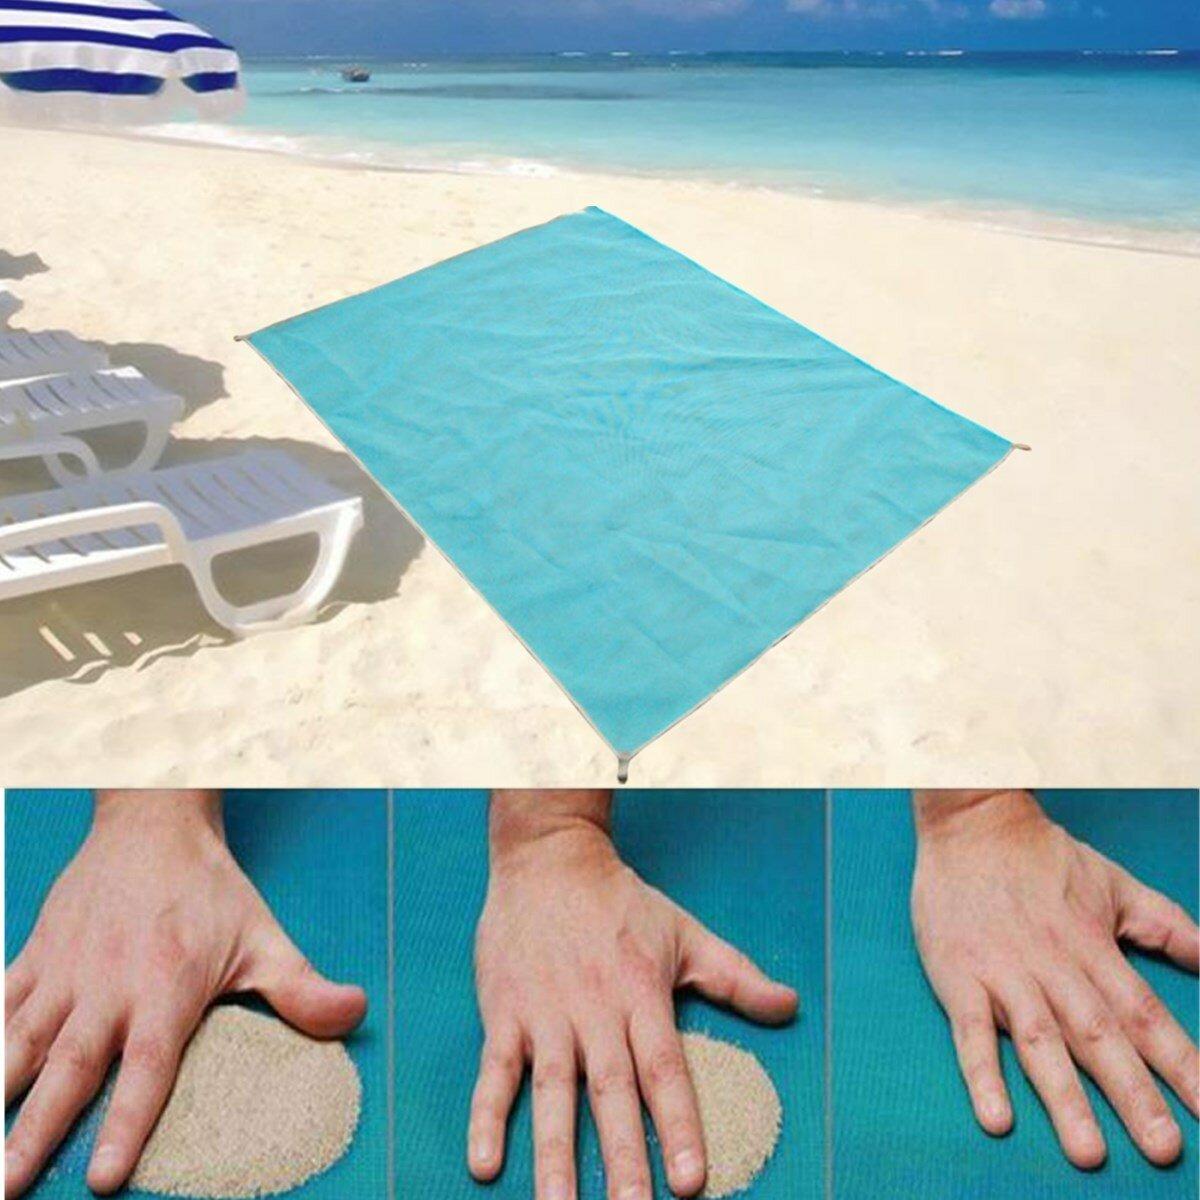 Пляжная подстилка ClapSand анти-песок в Южно-Сахалинске